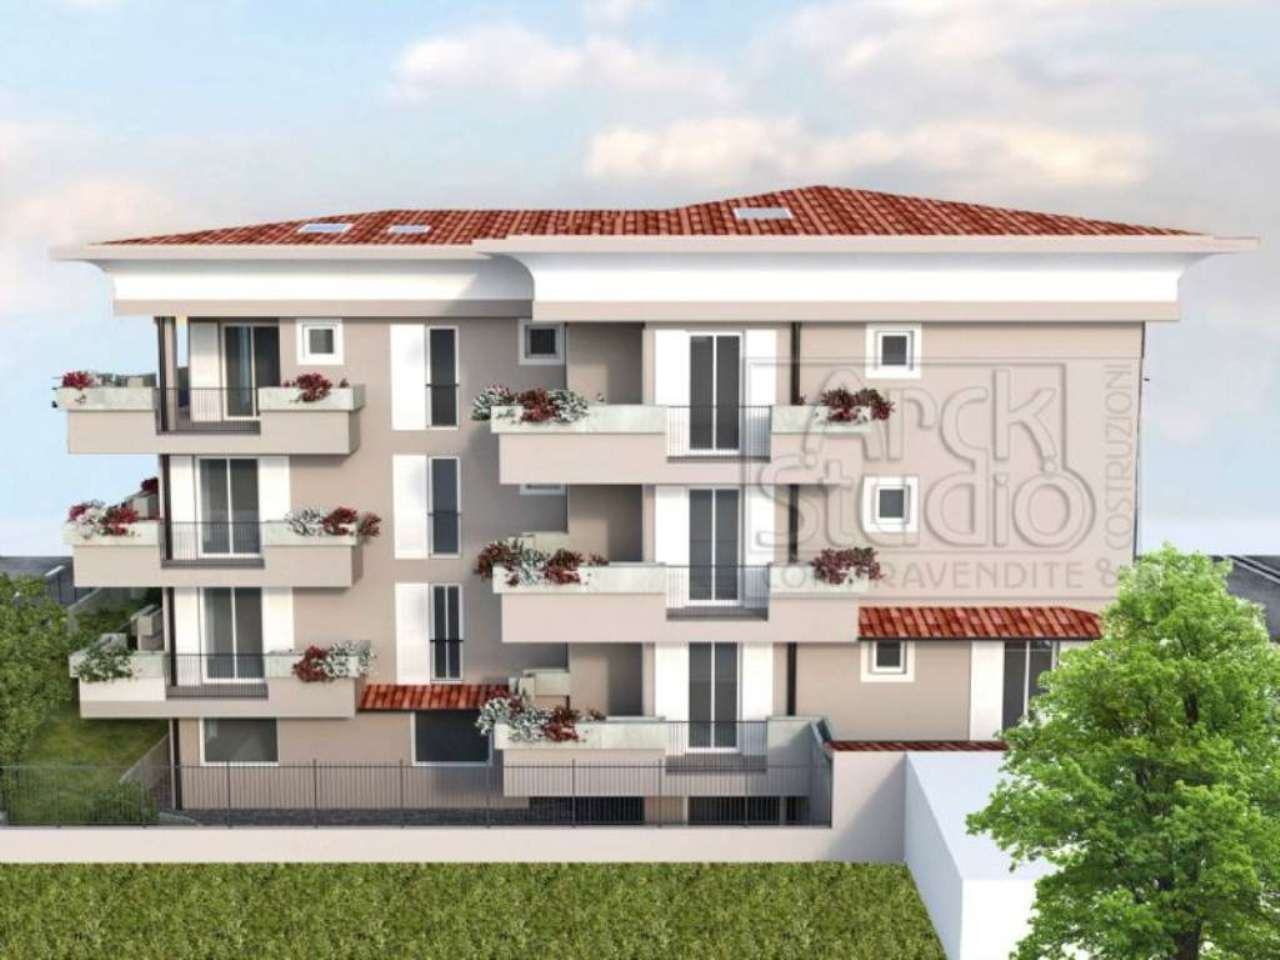 Appartamento in vendita a Inzago, 3 locali, prezzo € 195.000 | Cambio Casa.it